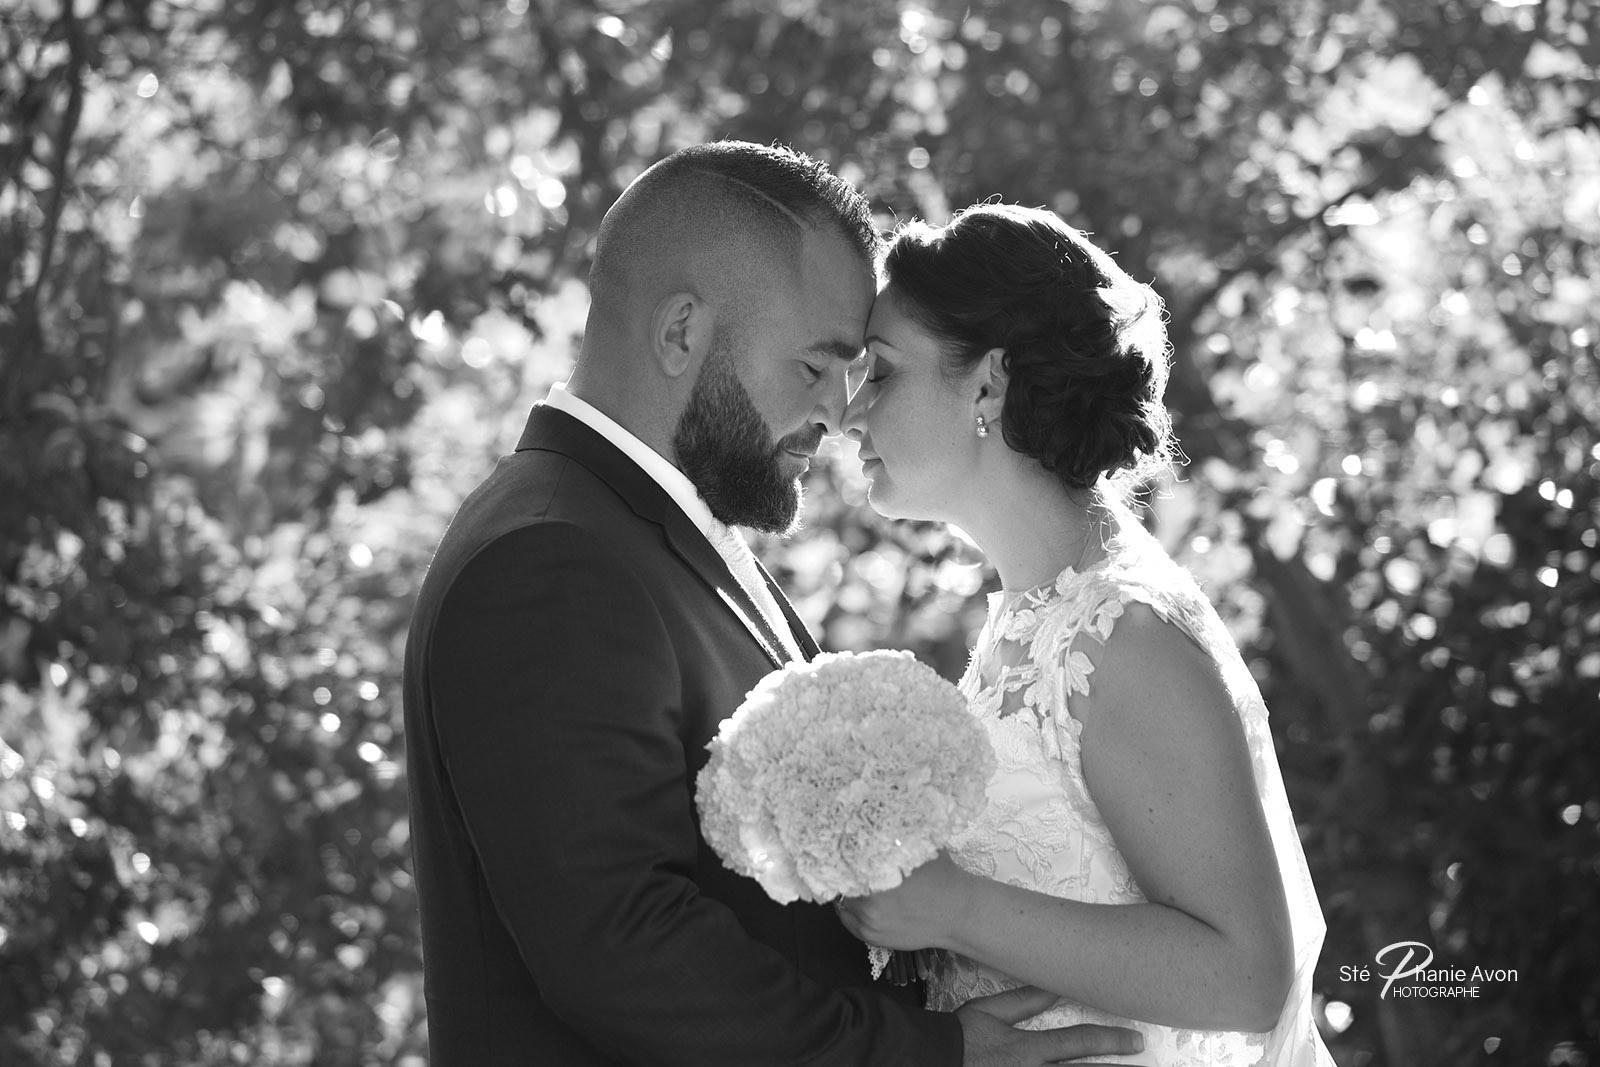 Photographe de mariage à Pertuis en Vaucluse